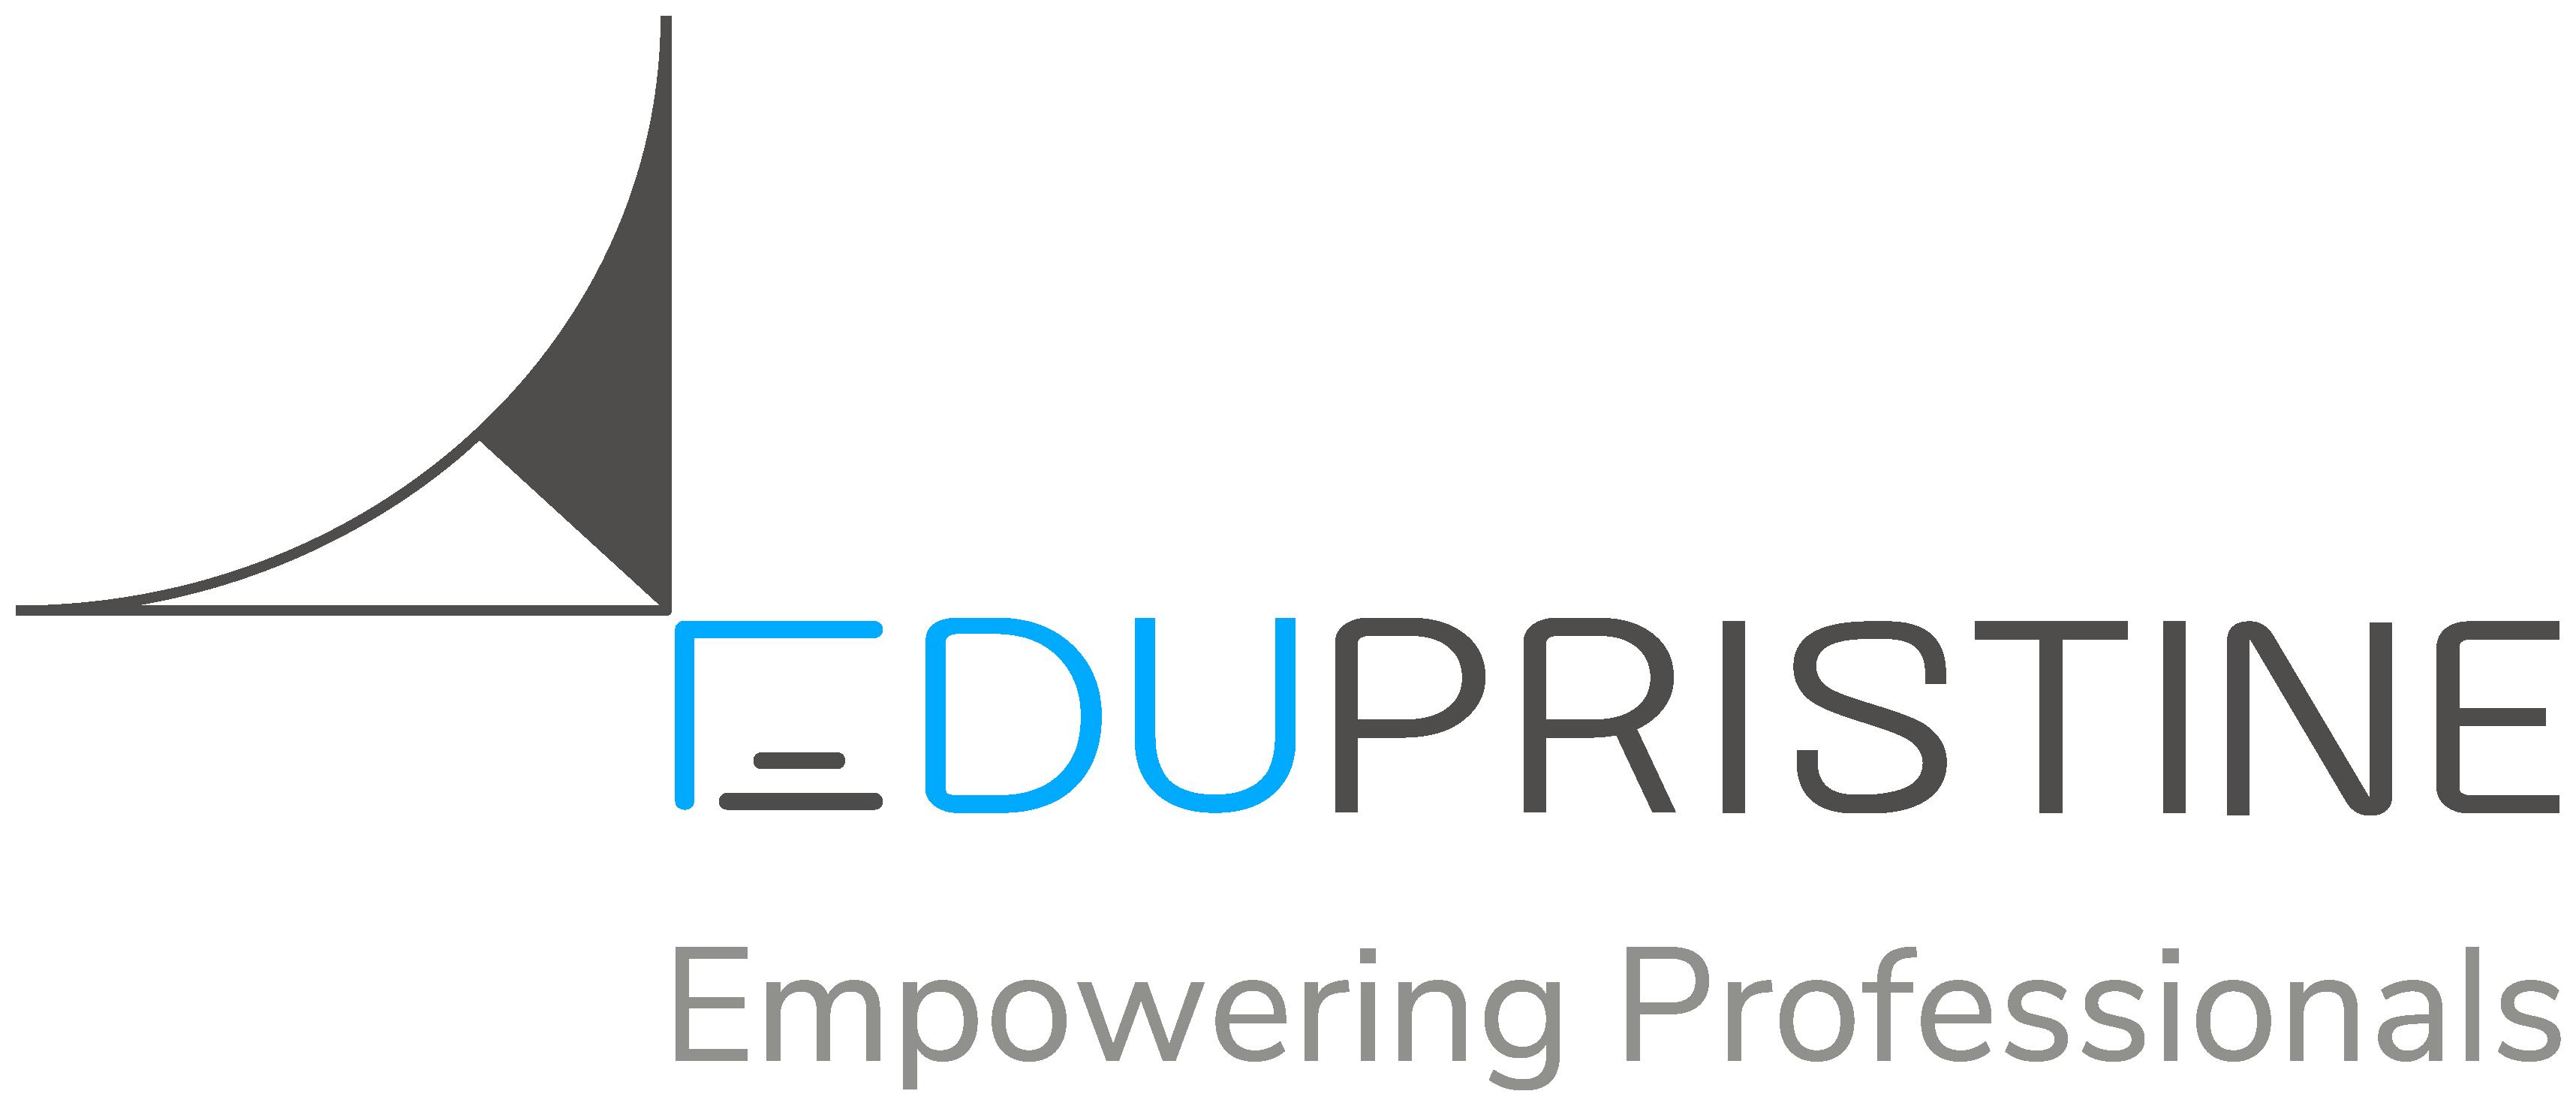 digital marketing training institute in delhi - Edupristine